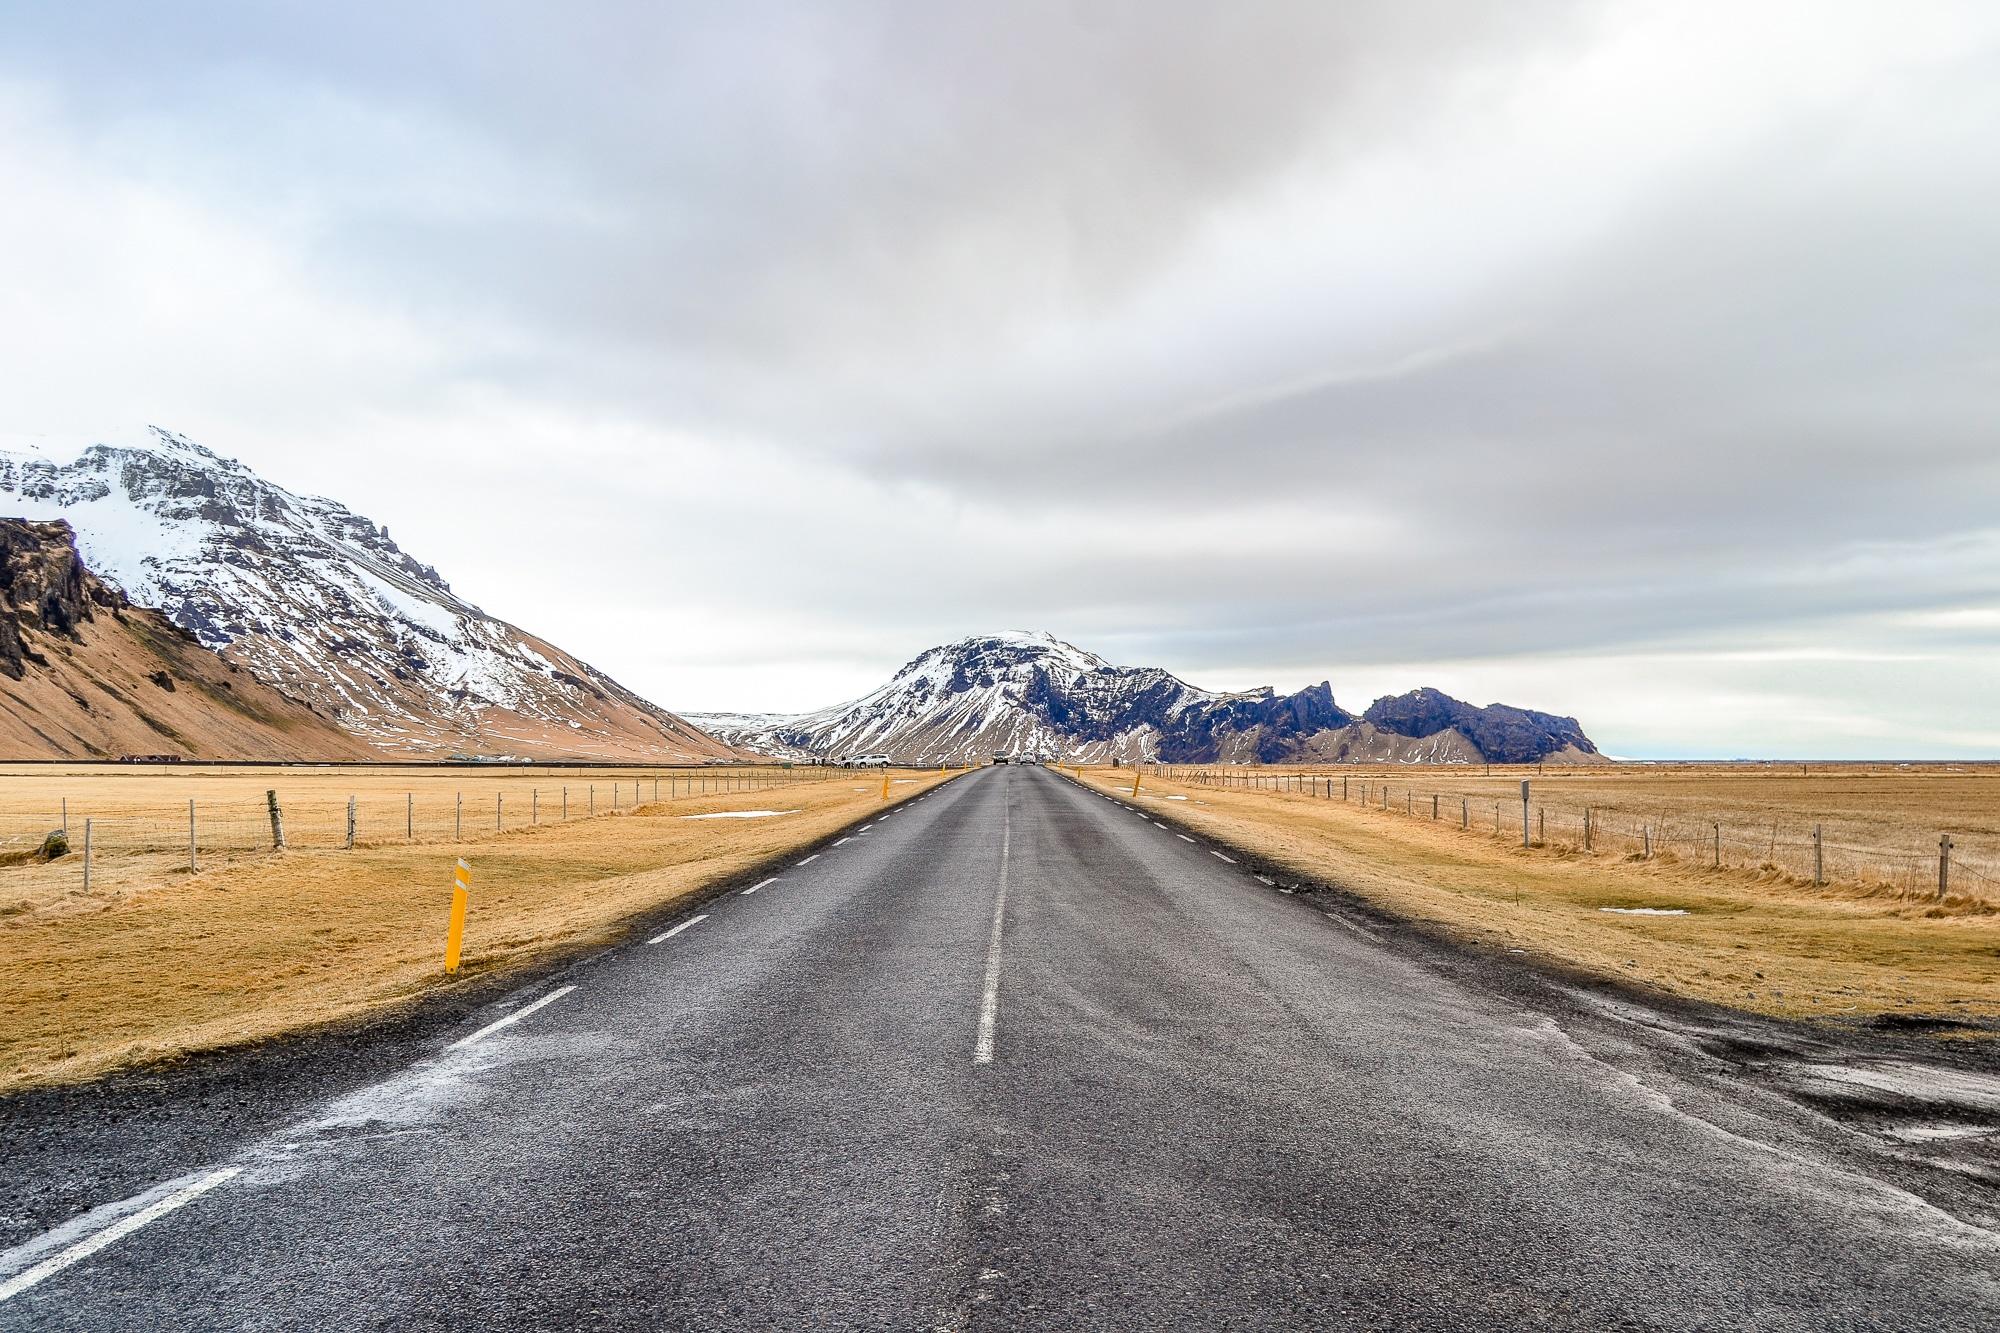 Island: Ein Roadtrip an die Südküste mit Helena Travel